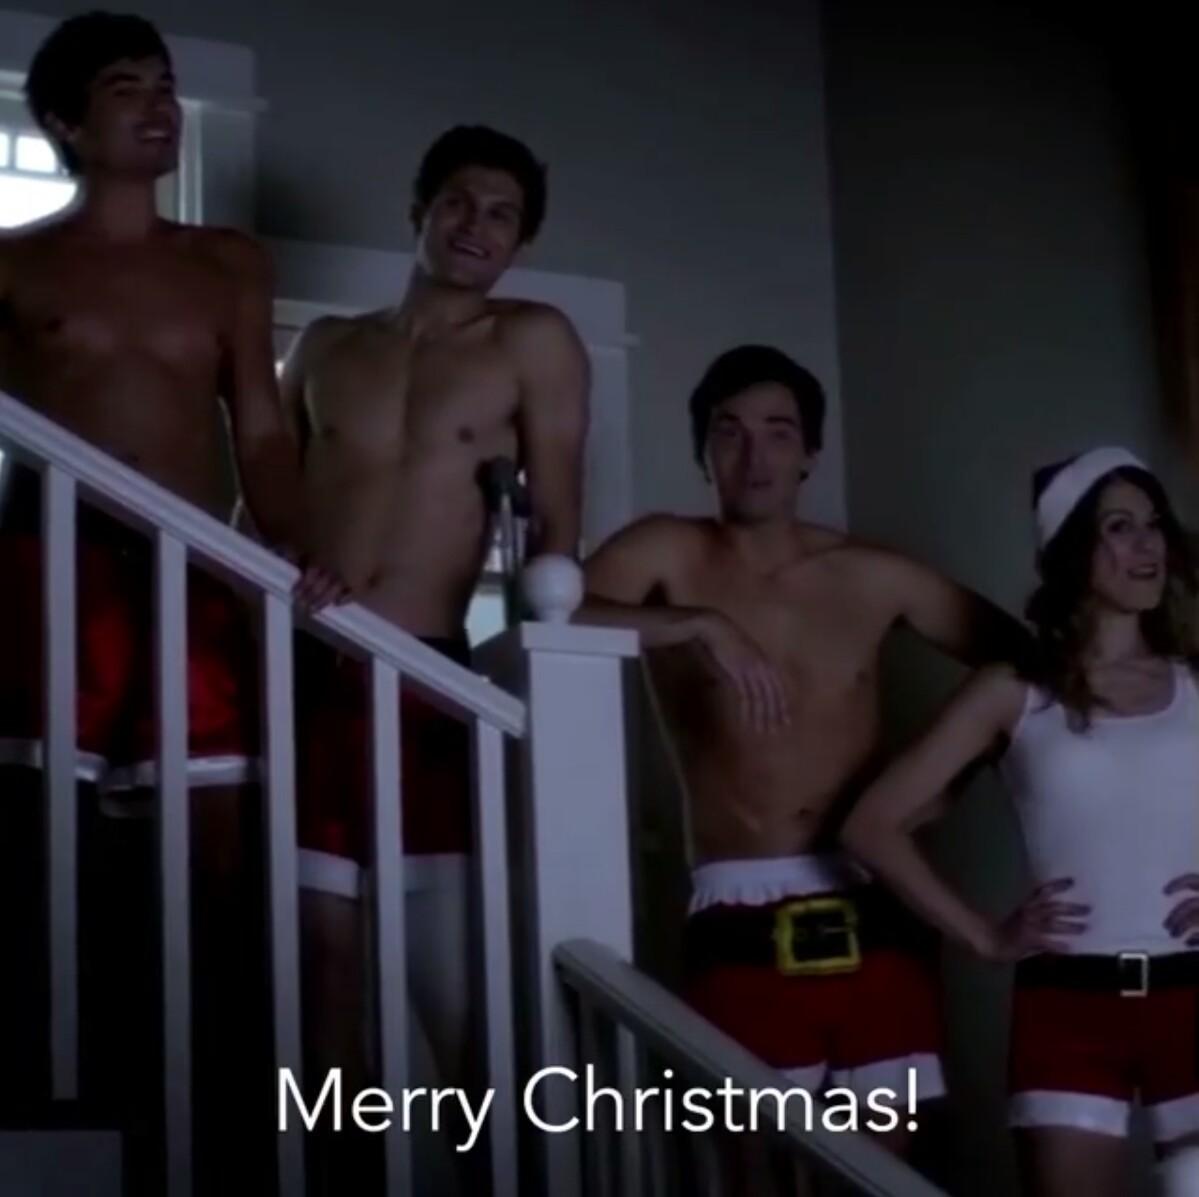 christmas and pll image